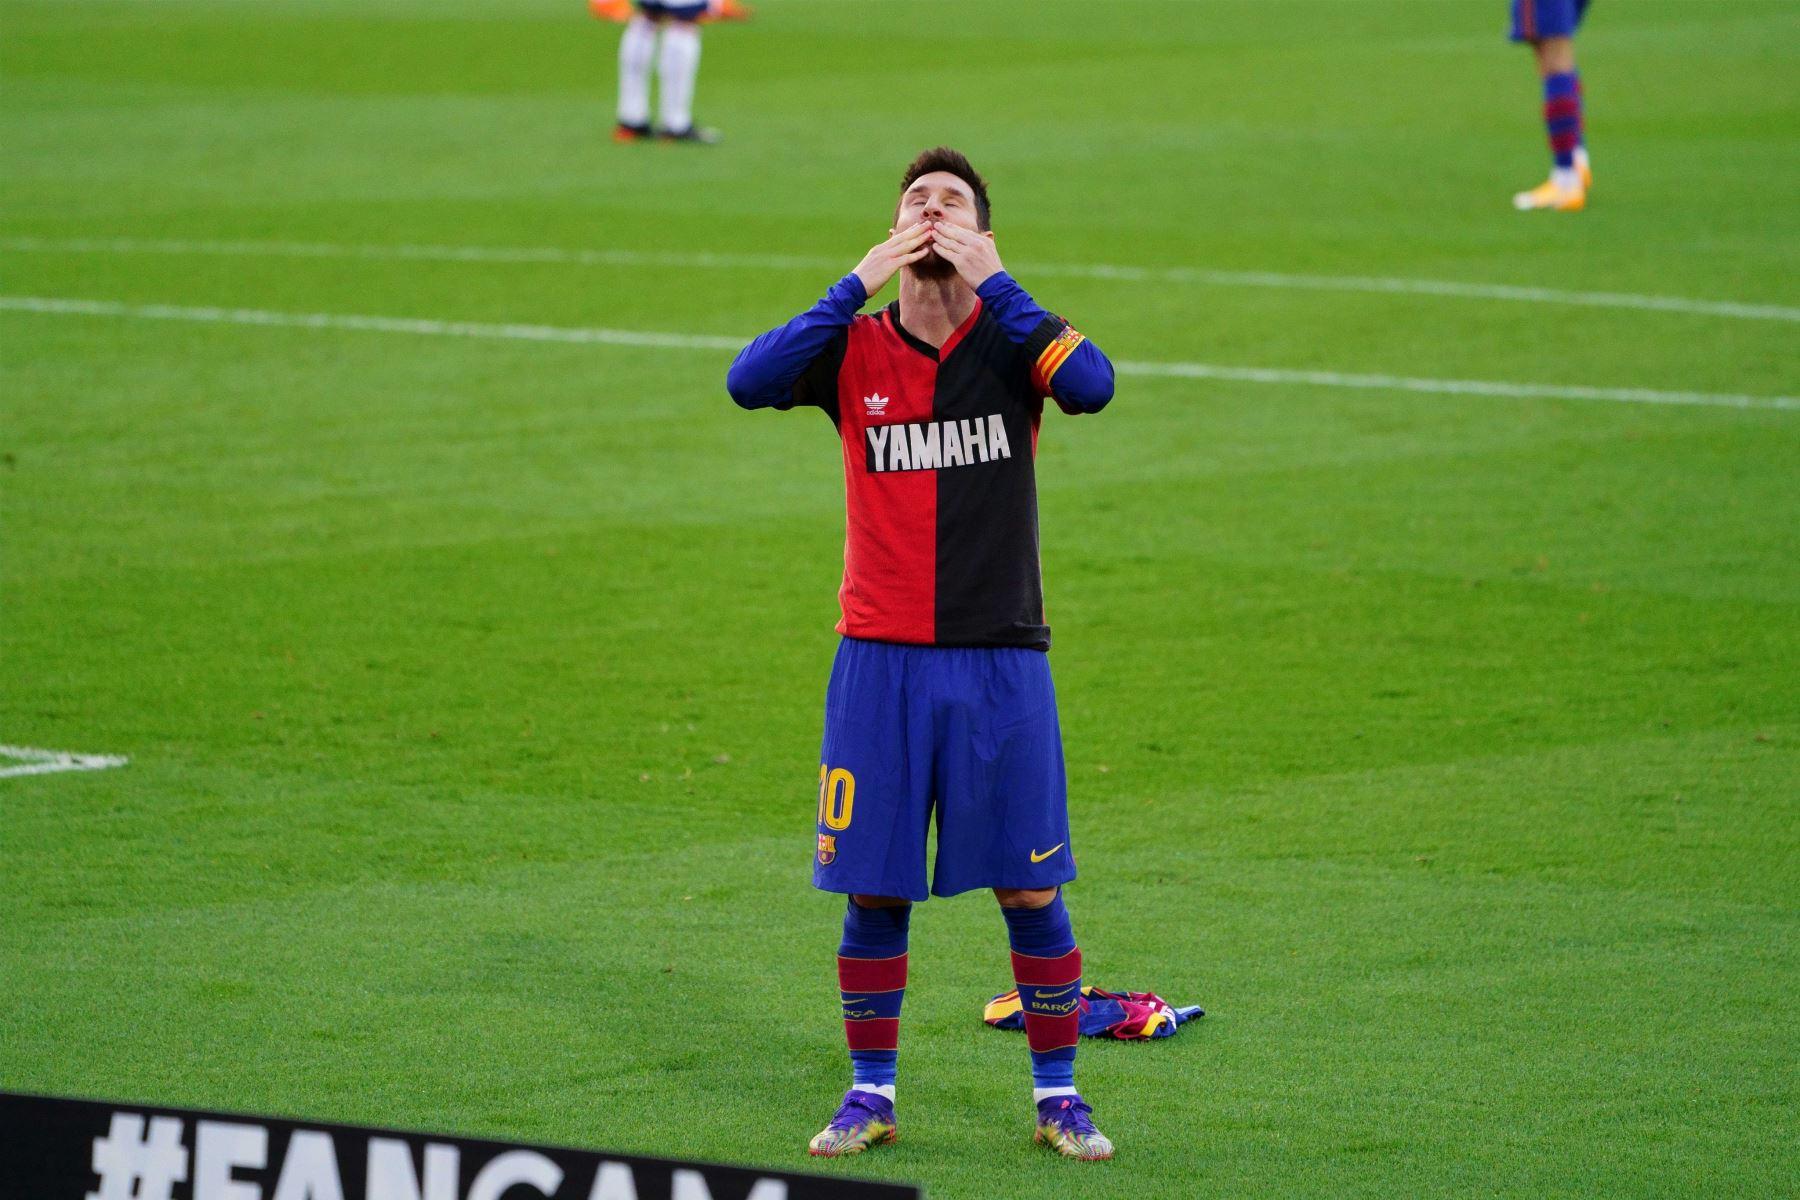 El delantero argentino del FC Barcelona, Lionel Messi, celebró el cuarto gol de su equipo vistiendo la camiseta del equipo argentino del Newell